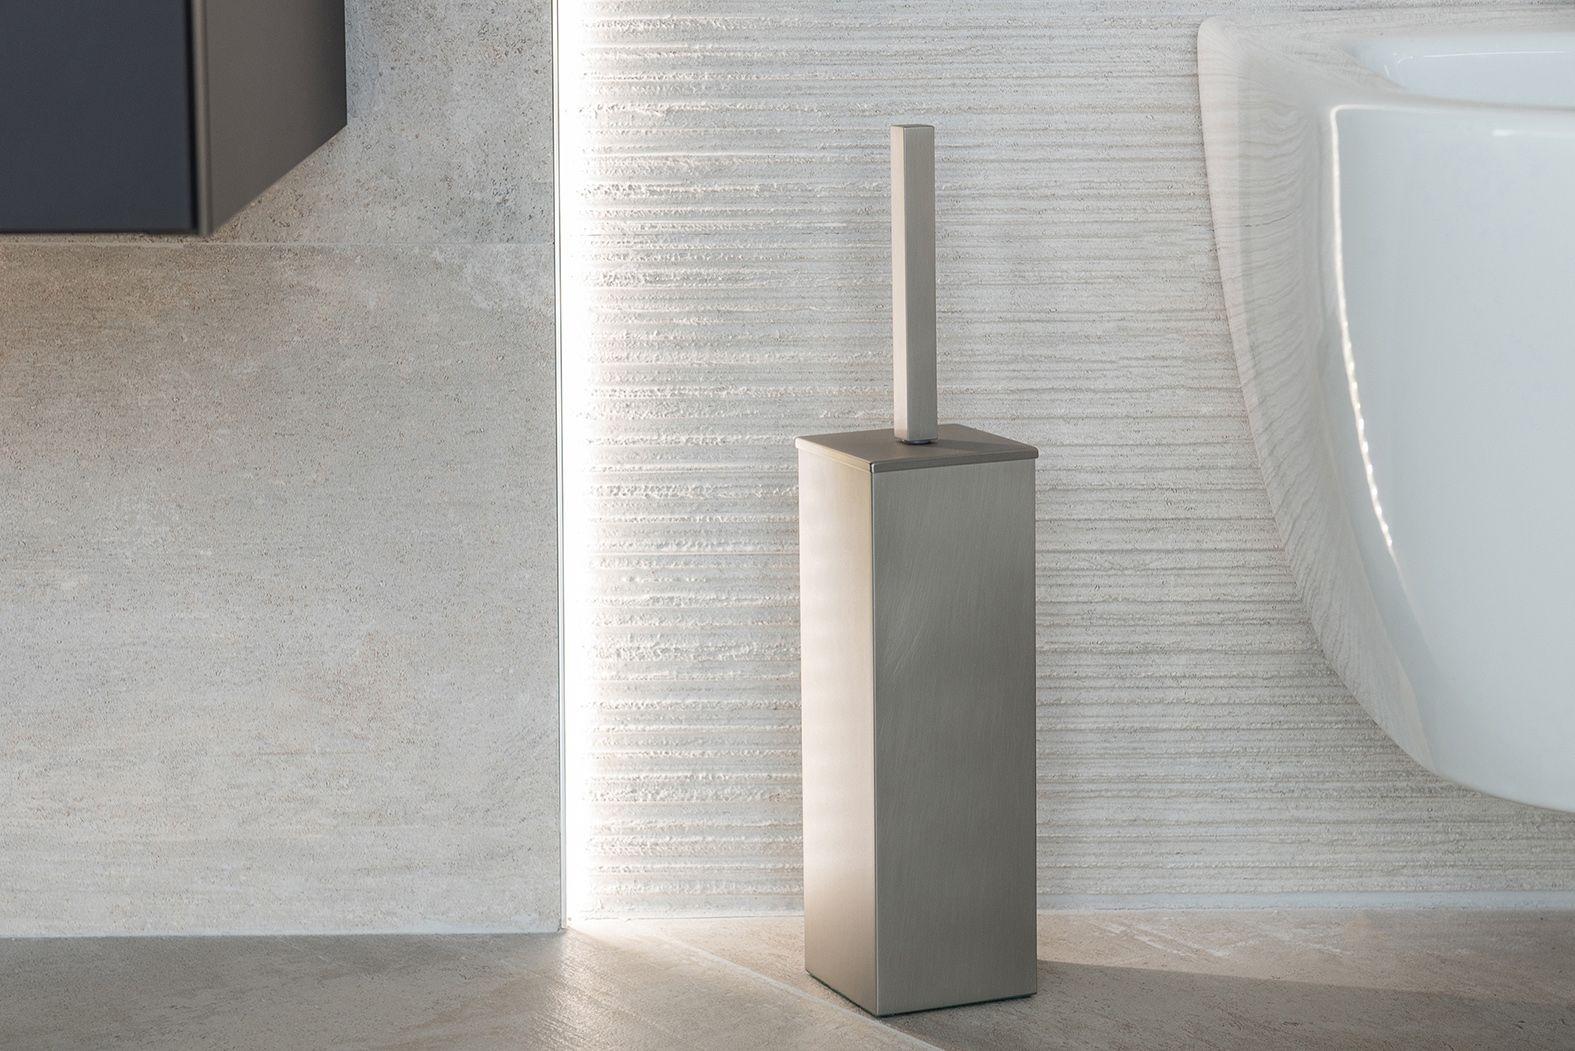 Scopino Da Bagno Design : Hansgrohe scopino per wc scopini e portascopini foto idee